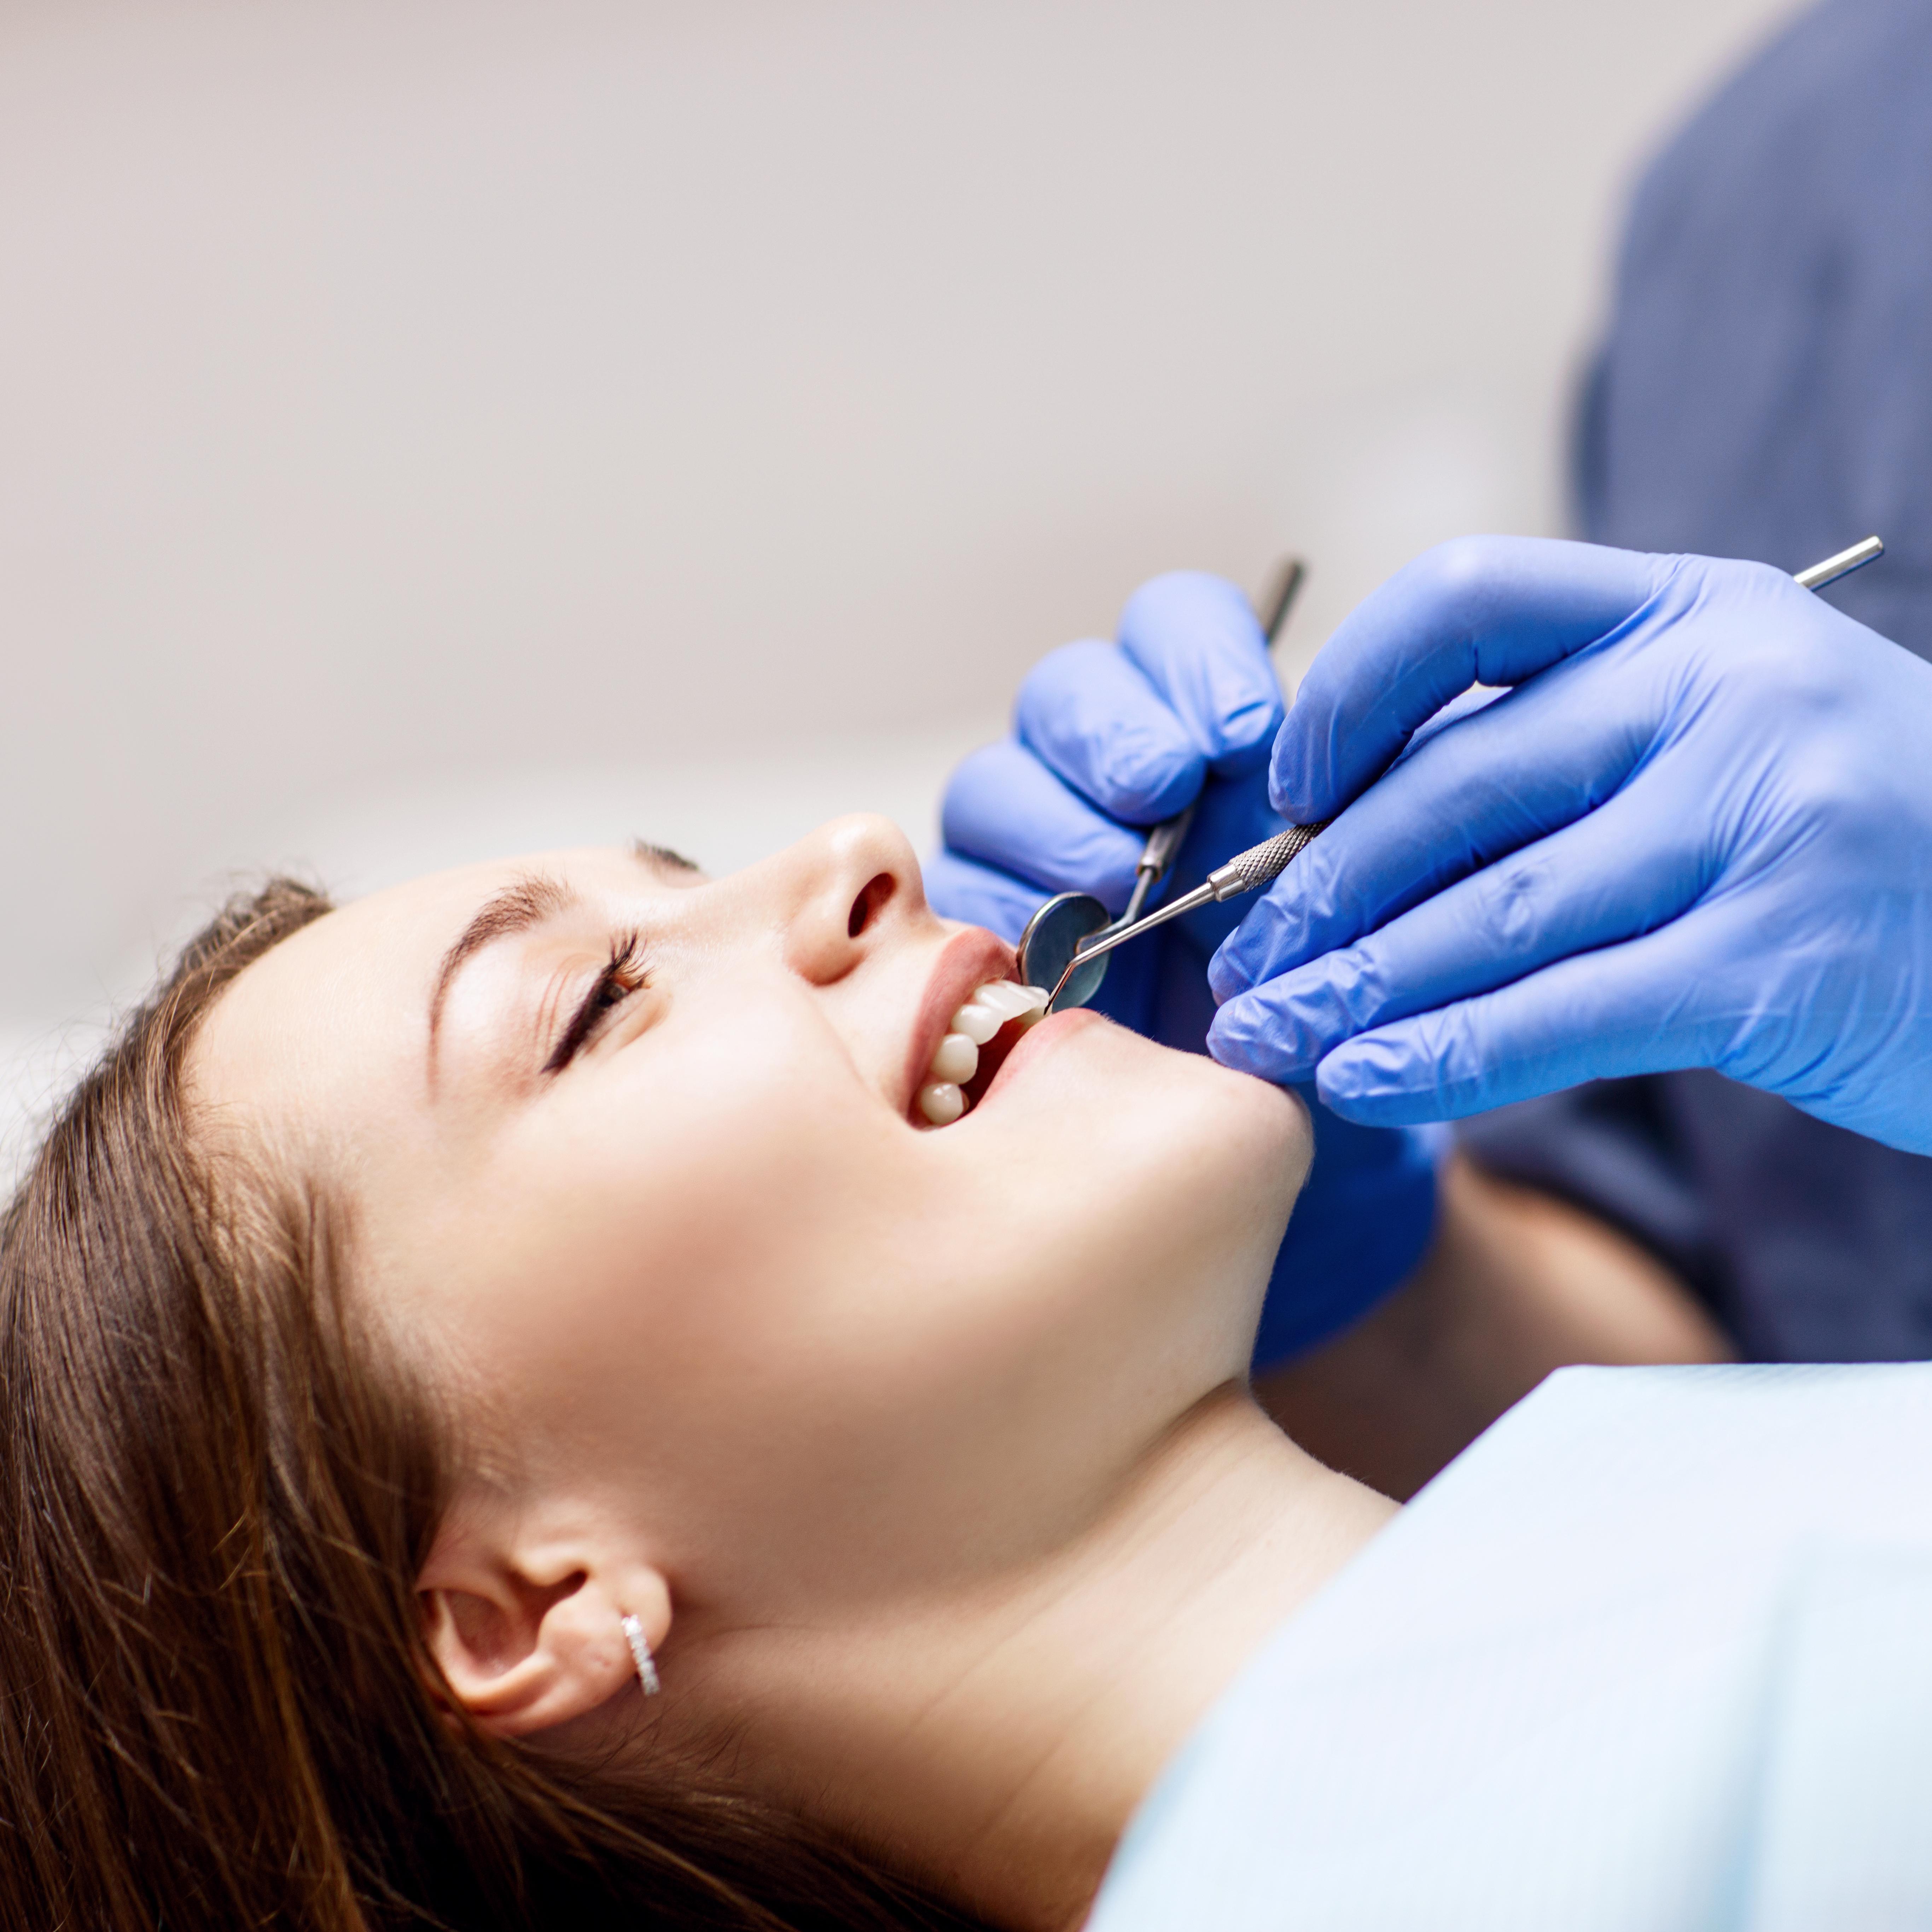 Tandvård är varken smärtsam eller dyr -TandCity